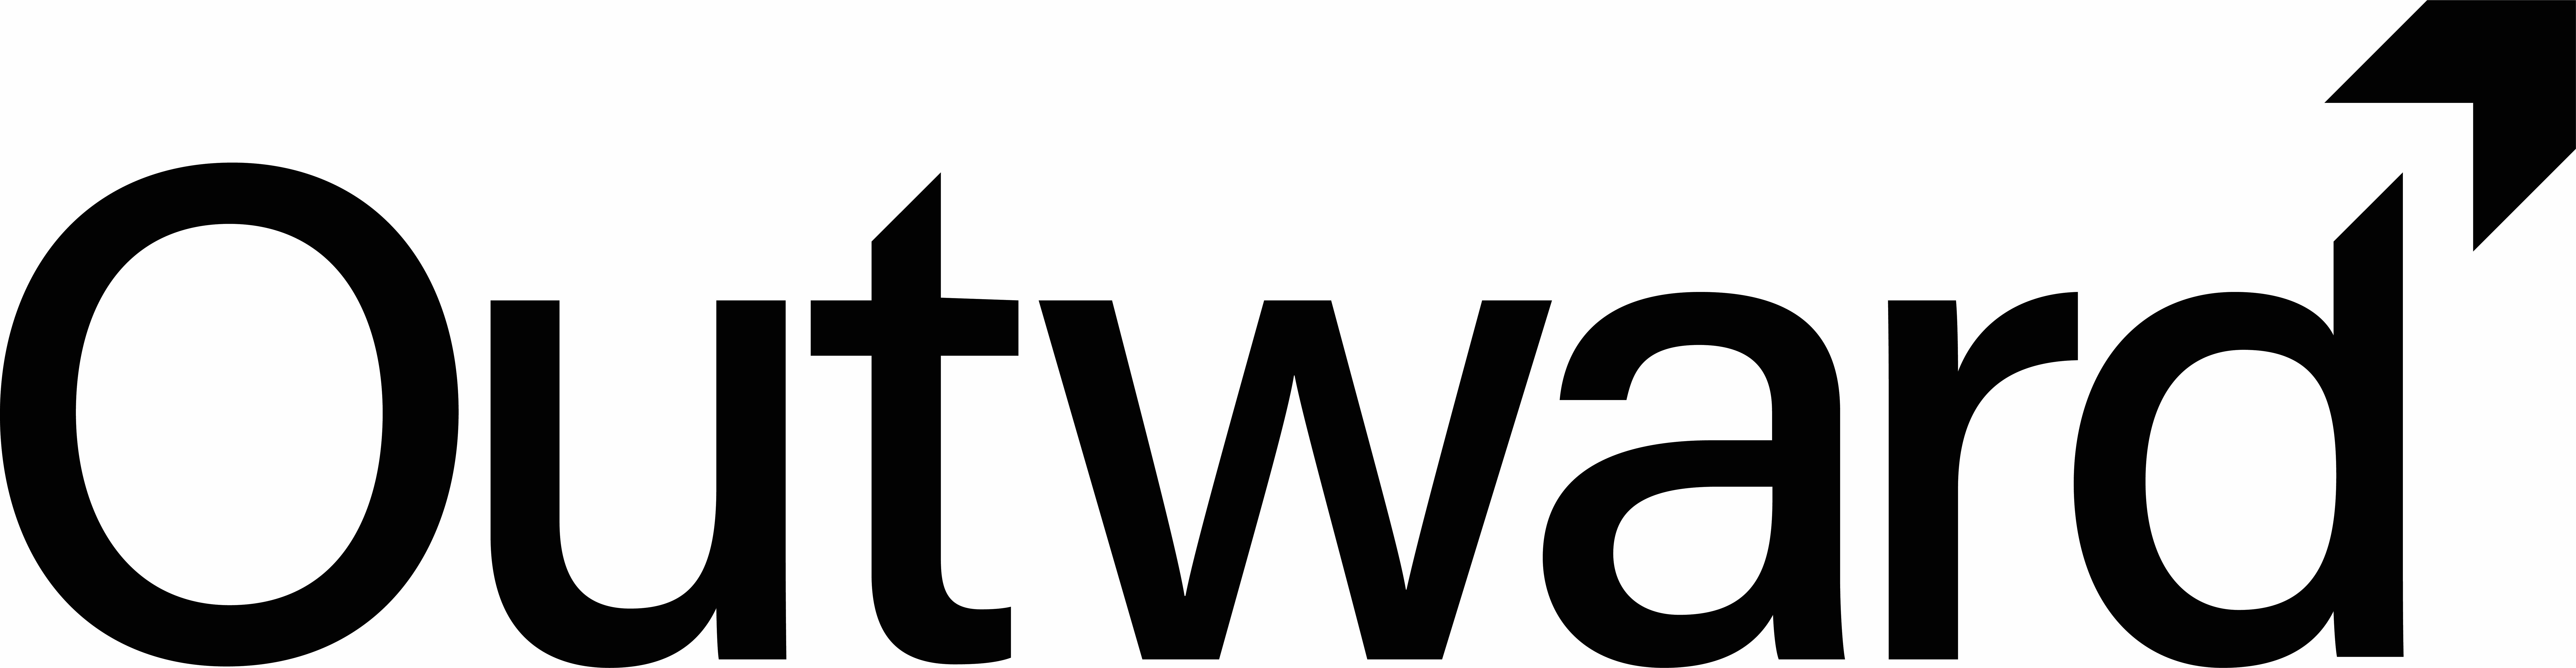 Outward VC